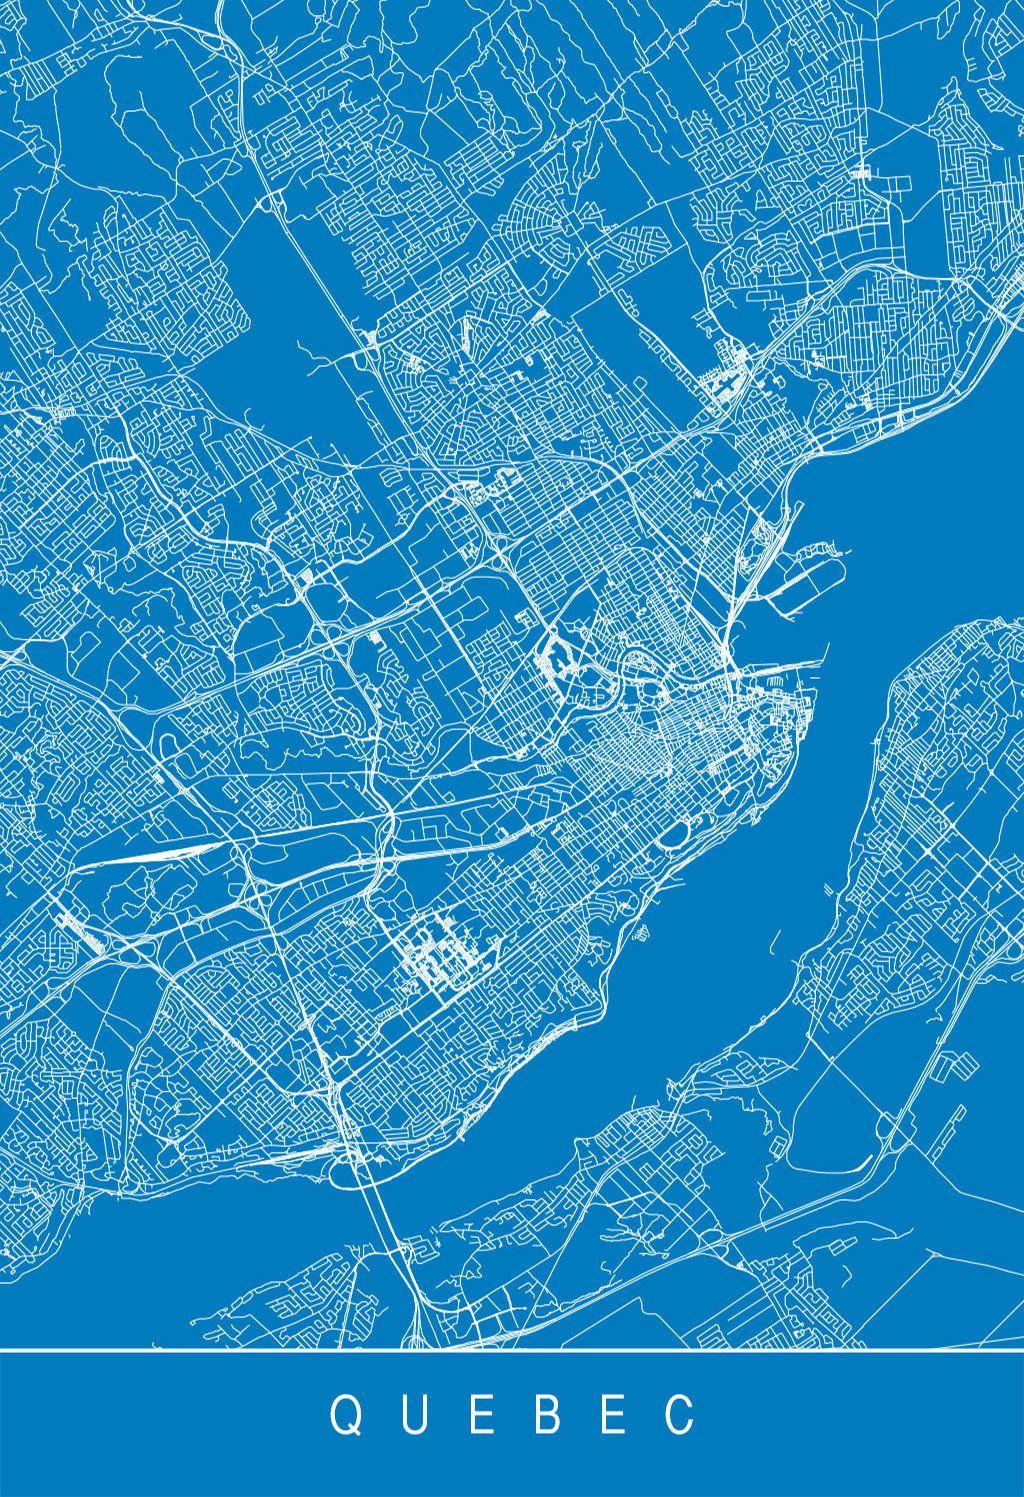 Karte Map Quebec Quebec Kanada Canada Quebec Kanada